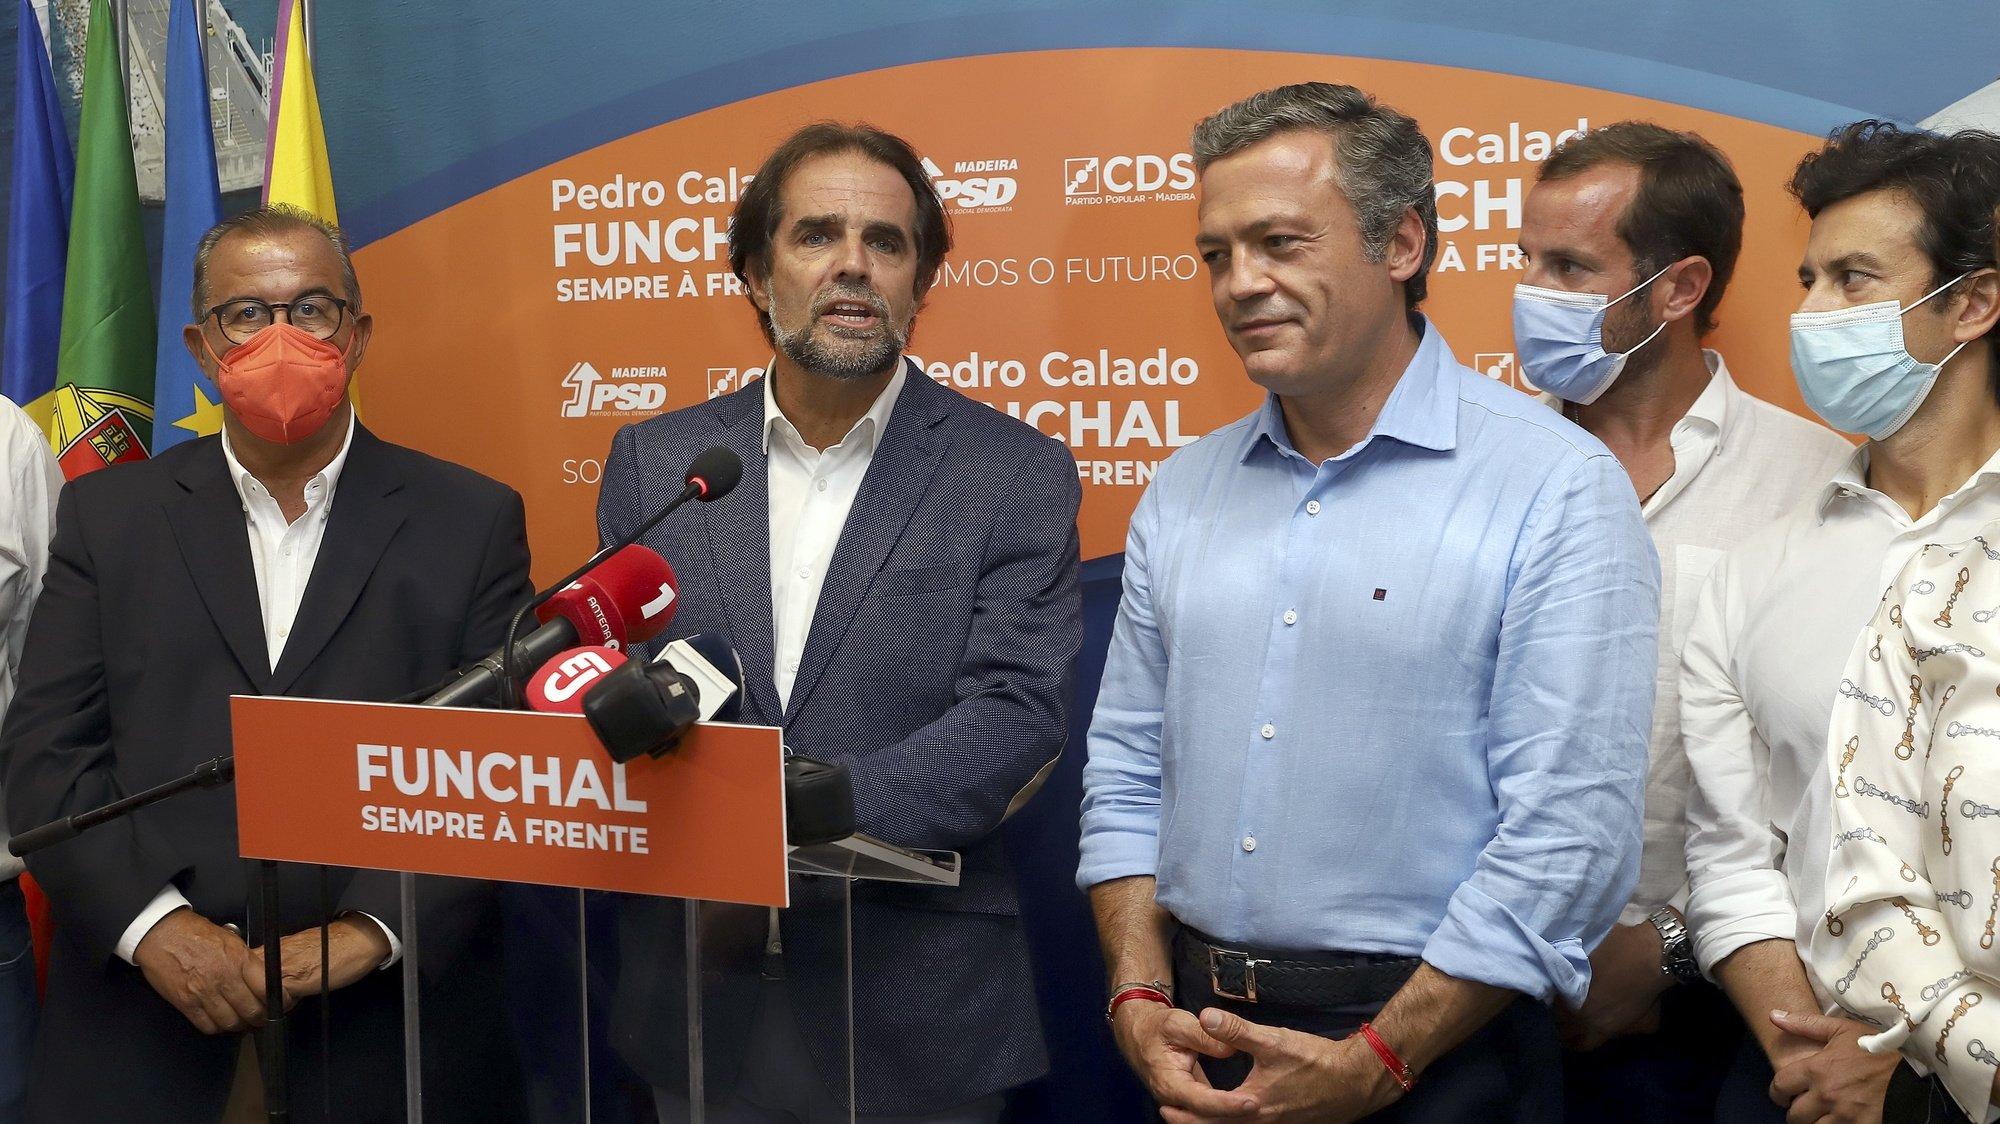 Miguel Albuquerque(2-E) e Pedro Calado (C) durante a noite das eleições regionais, Funchal, Madeira island, Portugal, 26 de setembro de 2021. HOMEM DE GOUVEIA/LUSA